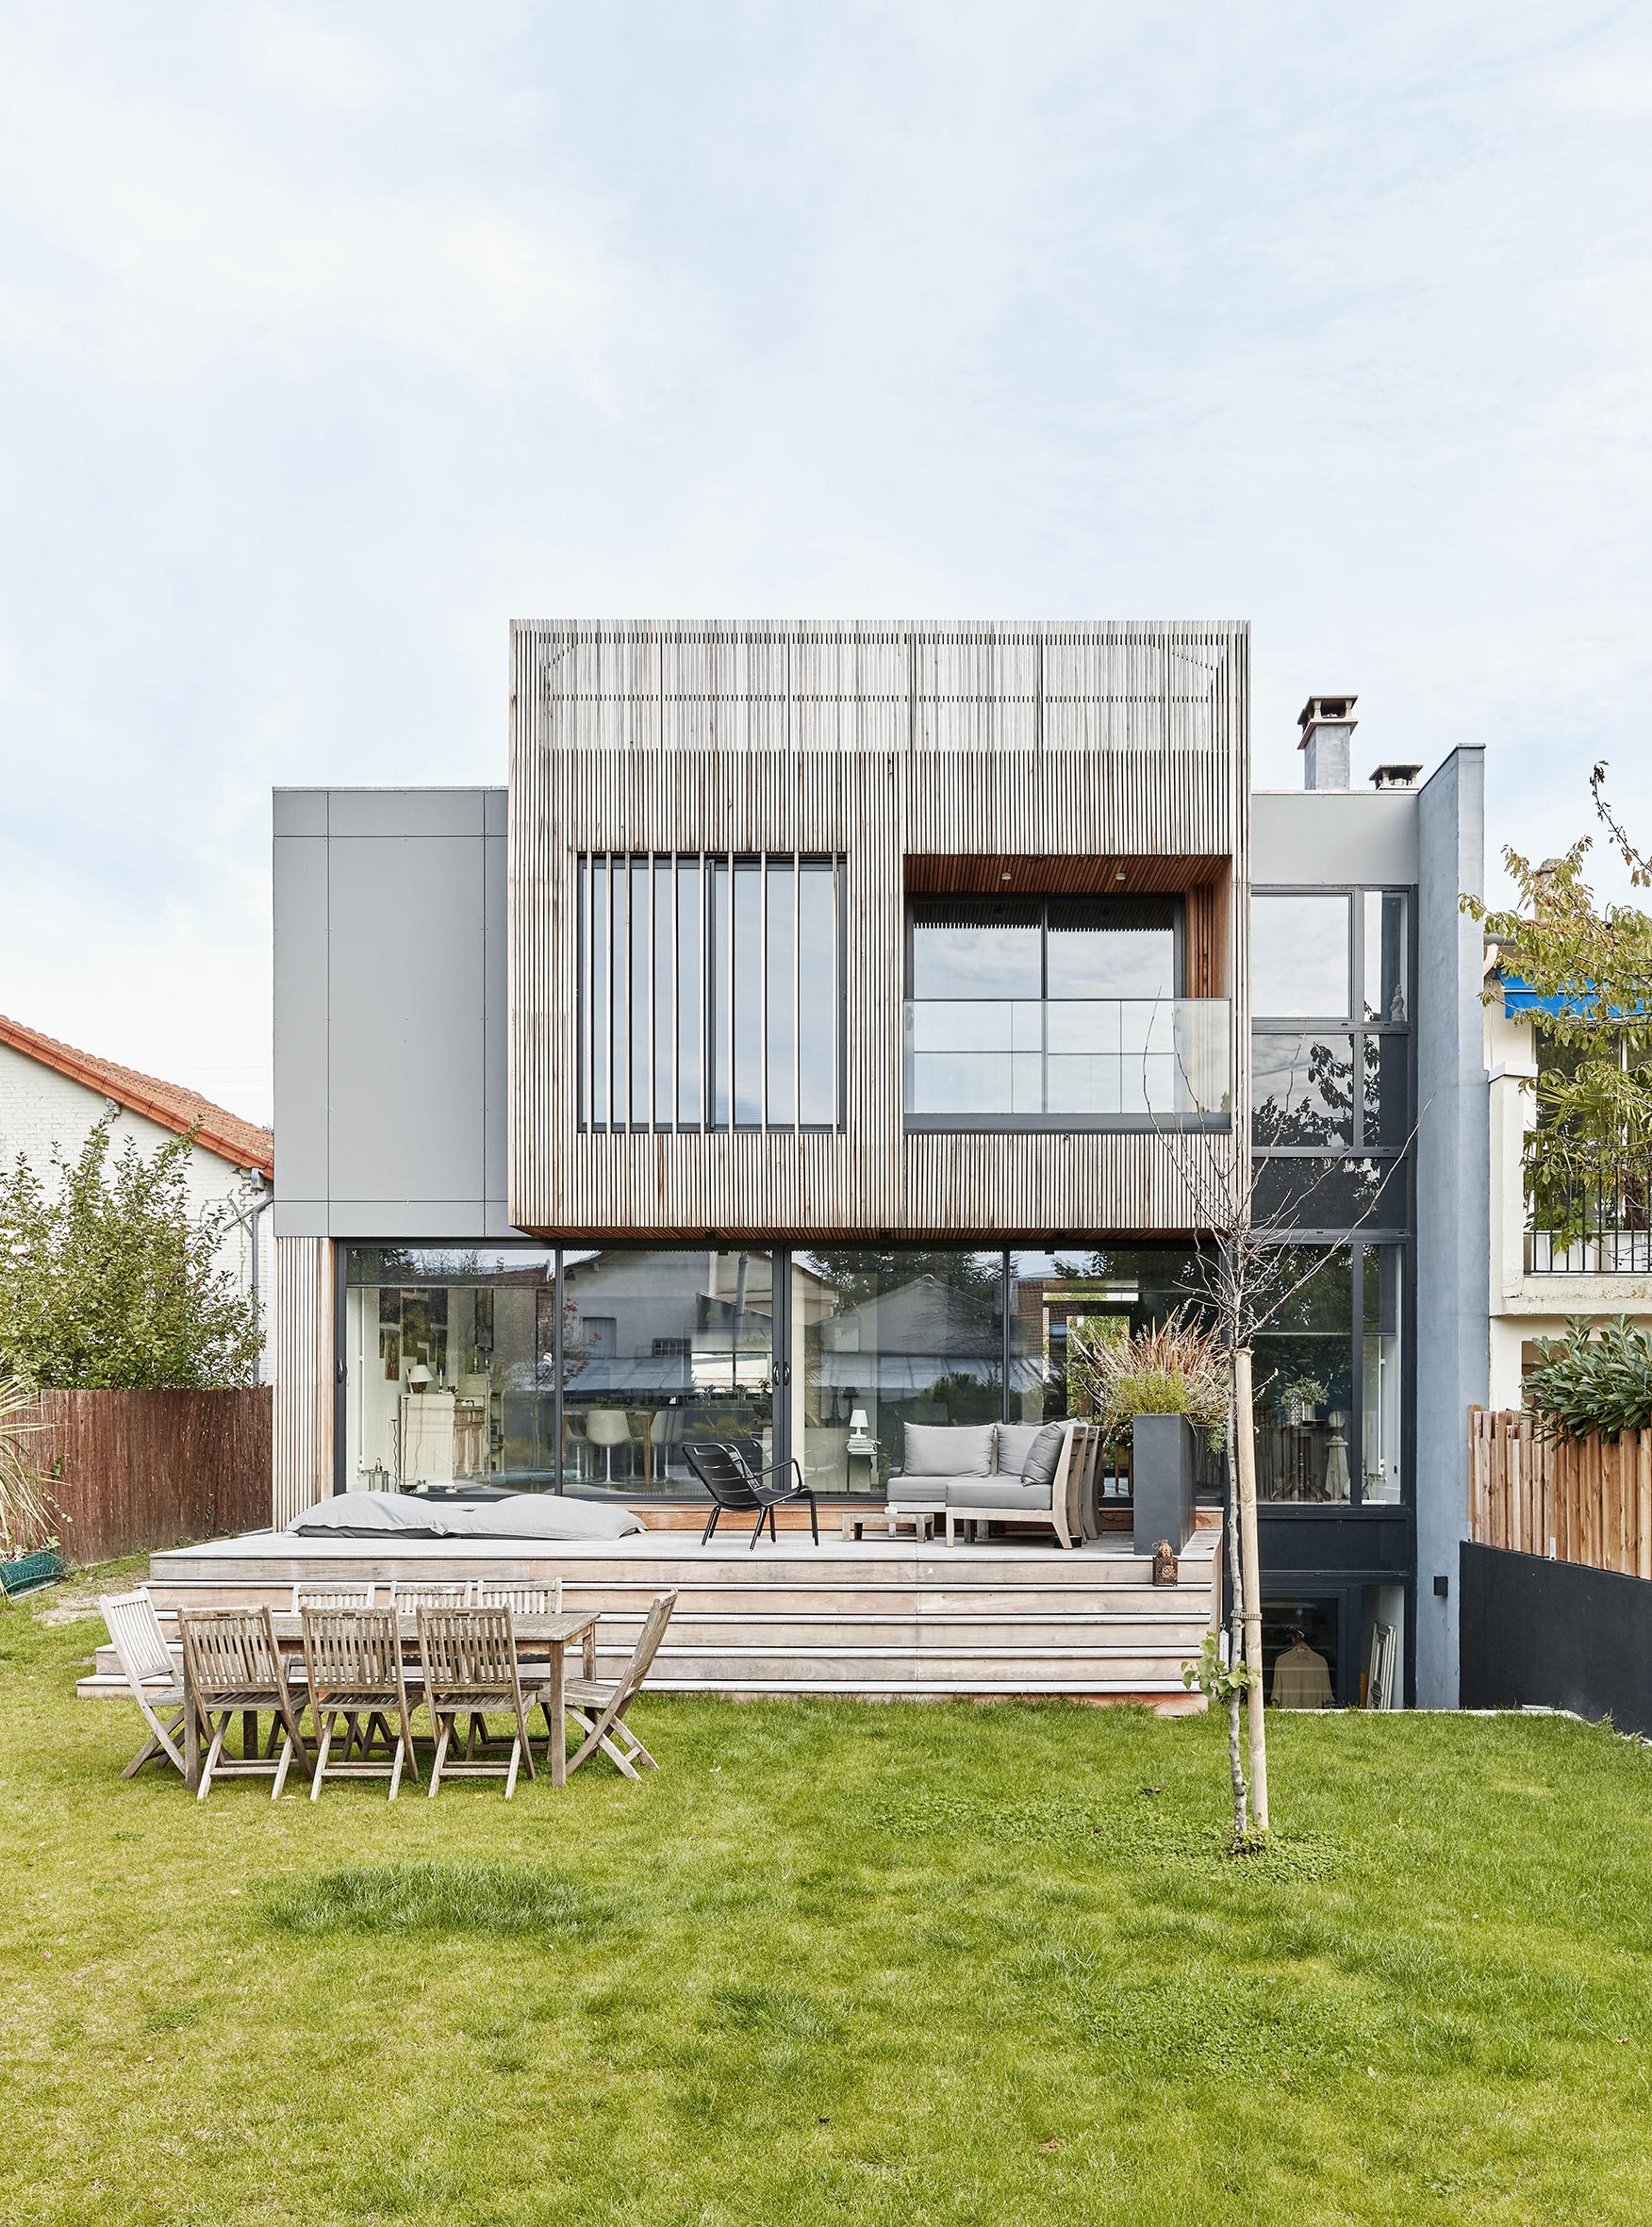 Photographie de la maison individuelle vue depuis le jardin où l'on voit la grande baie vitrée donnant sur la terrasse en bois et les revêtements de façade : le bois ajouré et les panneaux composites gris